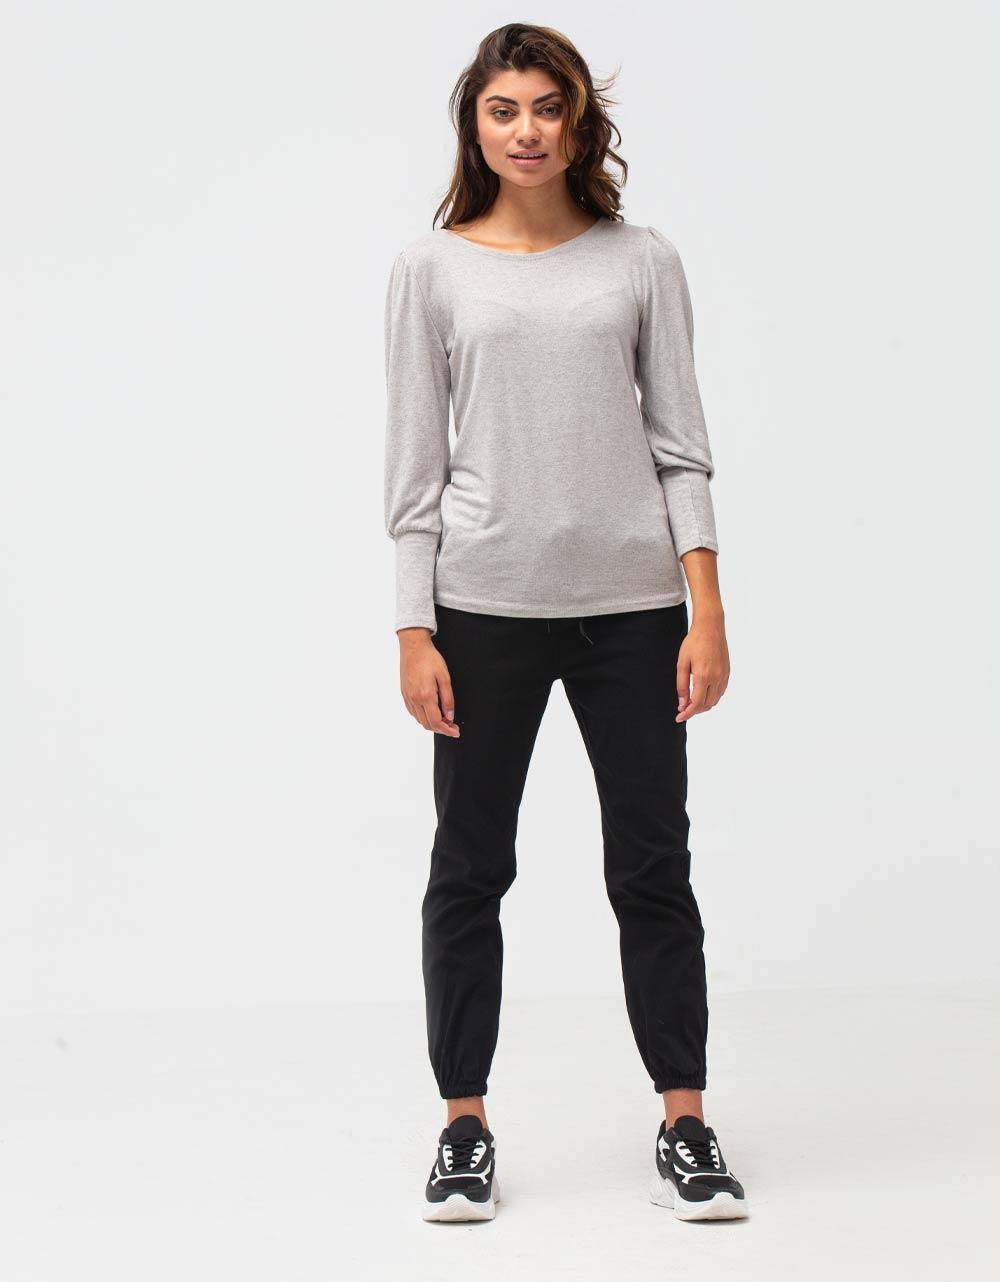 Εικόνα από Γυναικεία μπλούζα με φαρδιά μανίκια Μπεζ